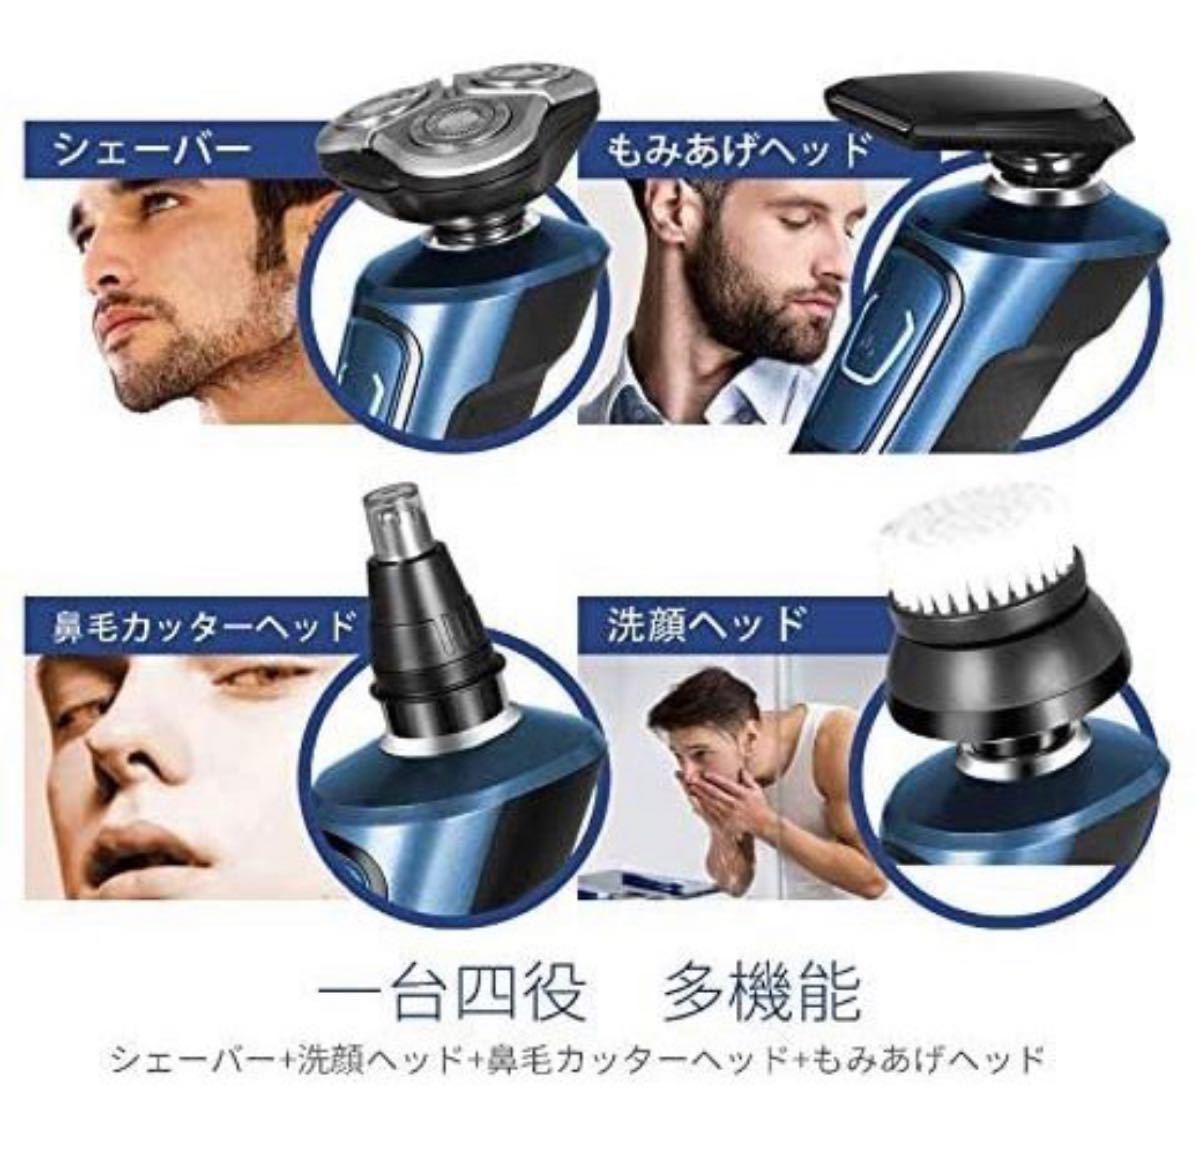 シェーバーメンズ 電動シェーバー 電気シェーバー 髭剃り USB充電式 ひげ剃り 電動シェーバー USB 鼻毛カッター 洗顔ブラシ